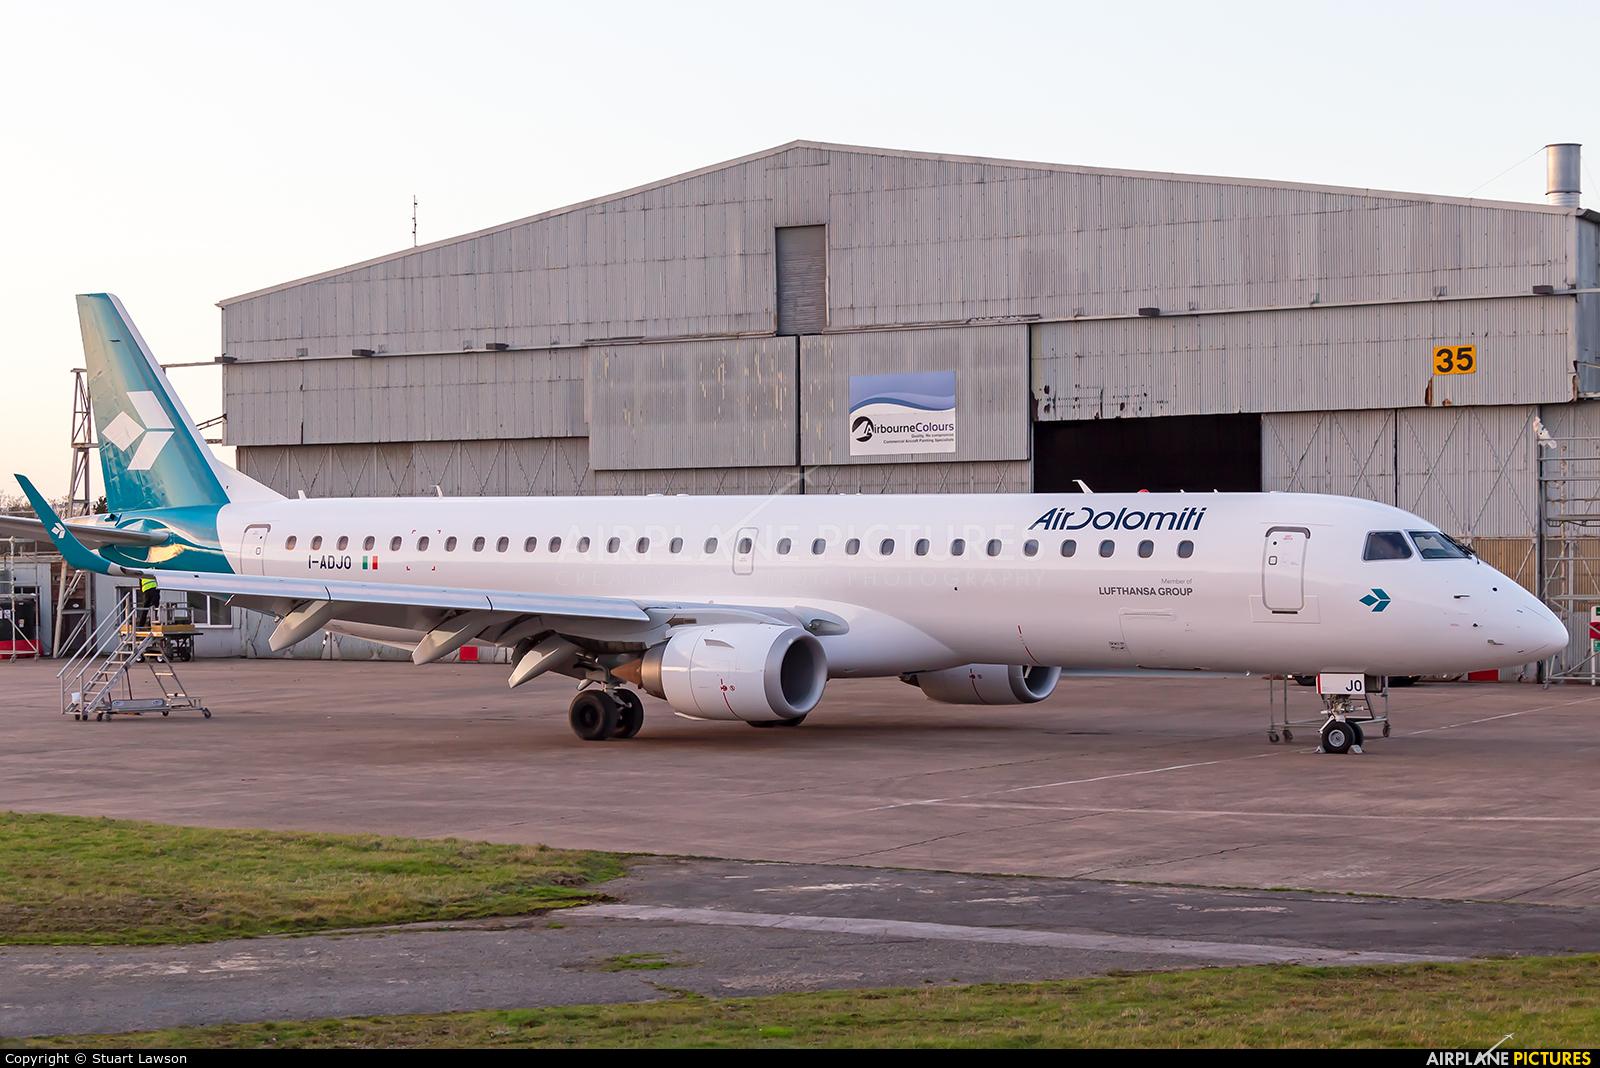 Air Dolomiti I-ADJO aircraft at East Midlands